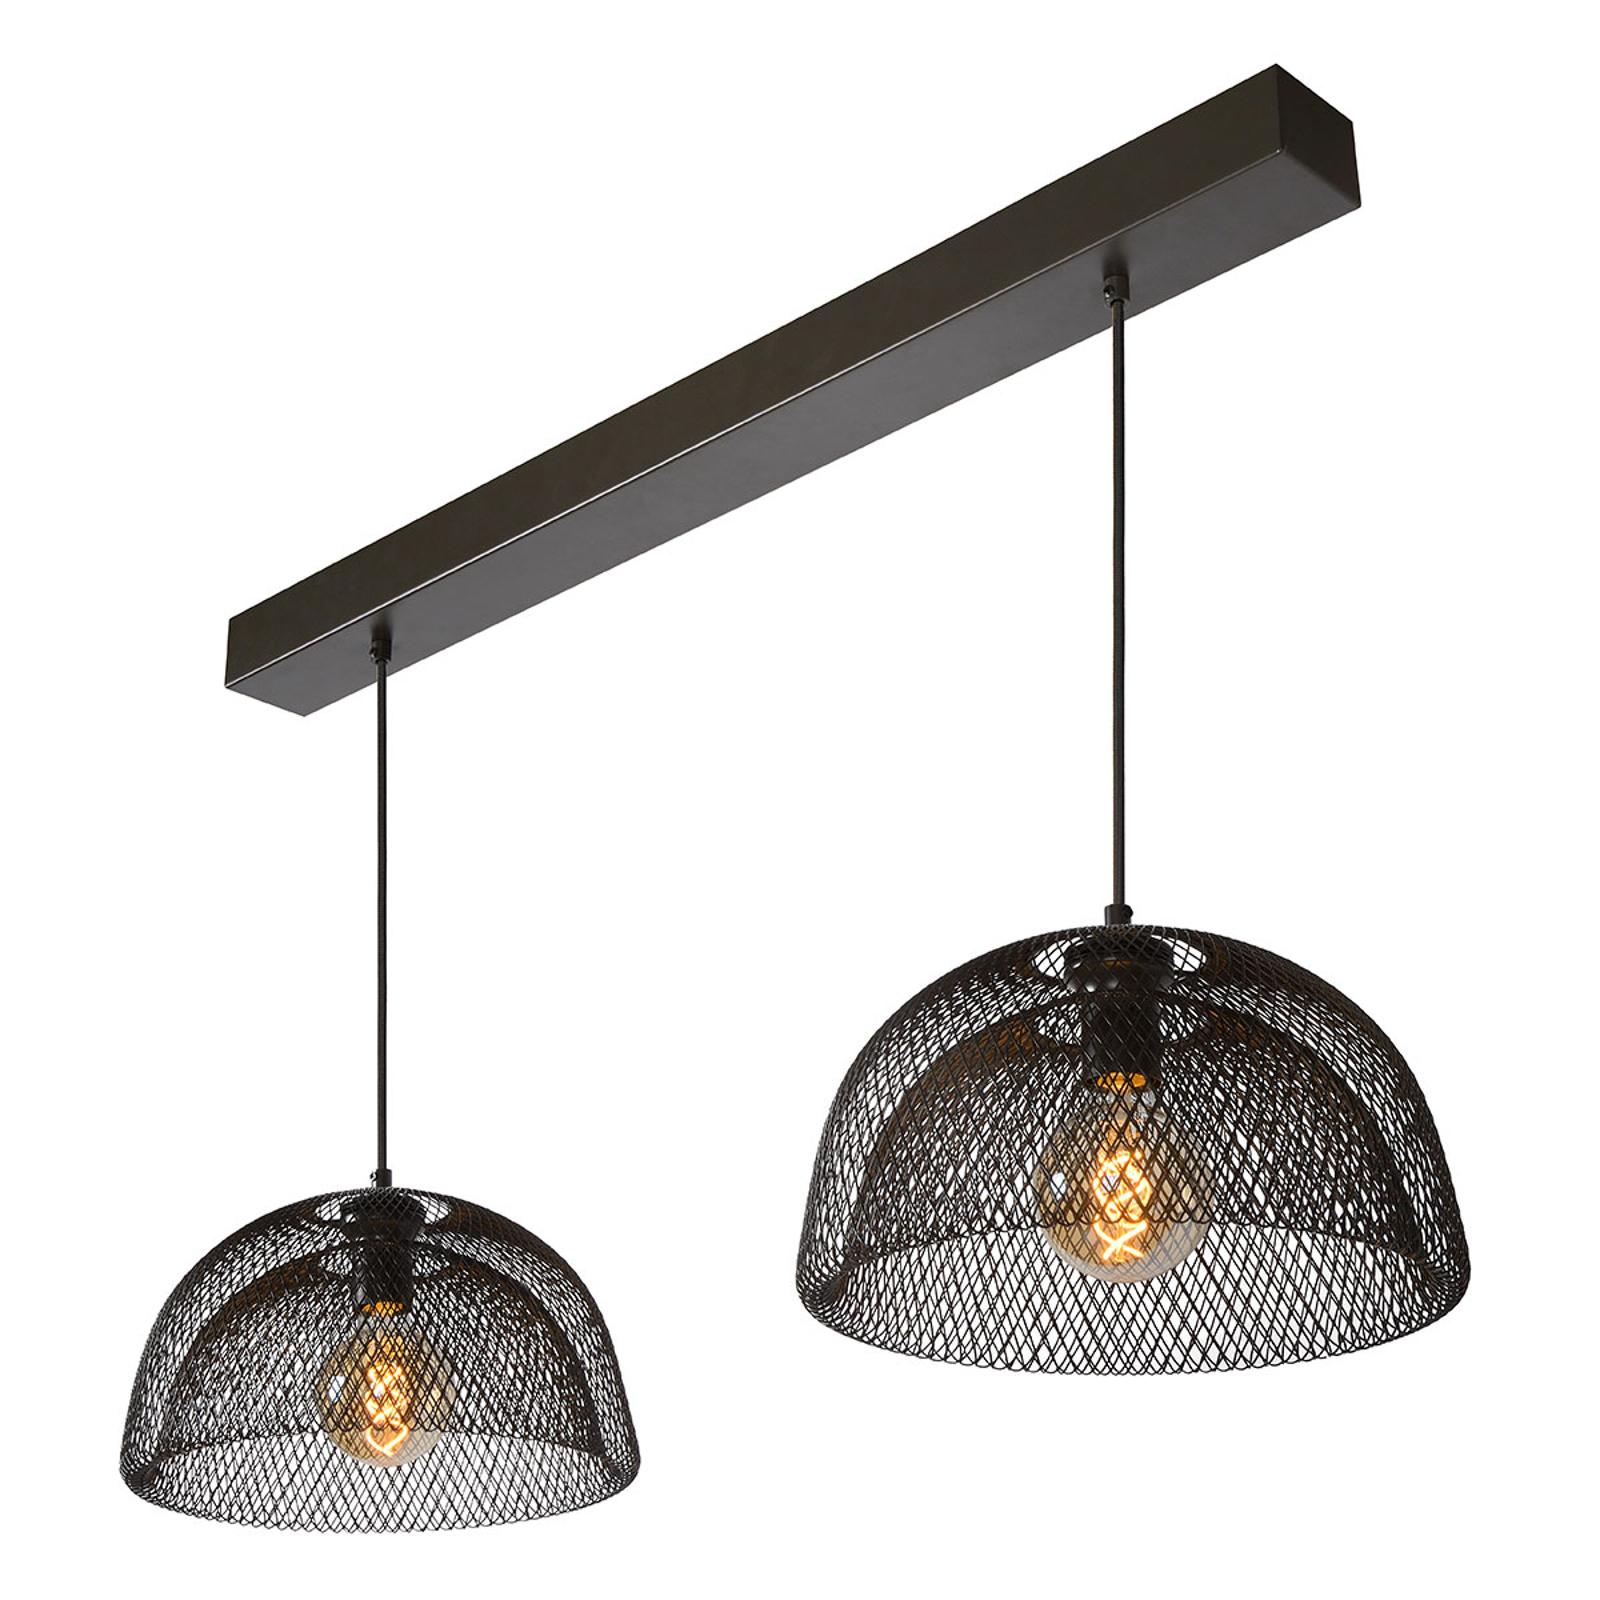 2-lamps hanglamp mesh in zwart